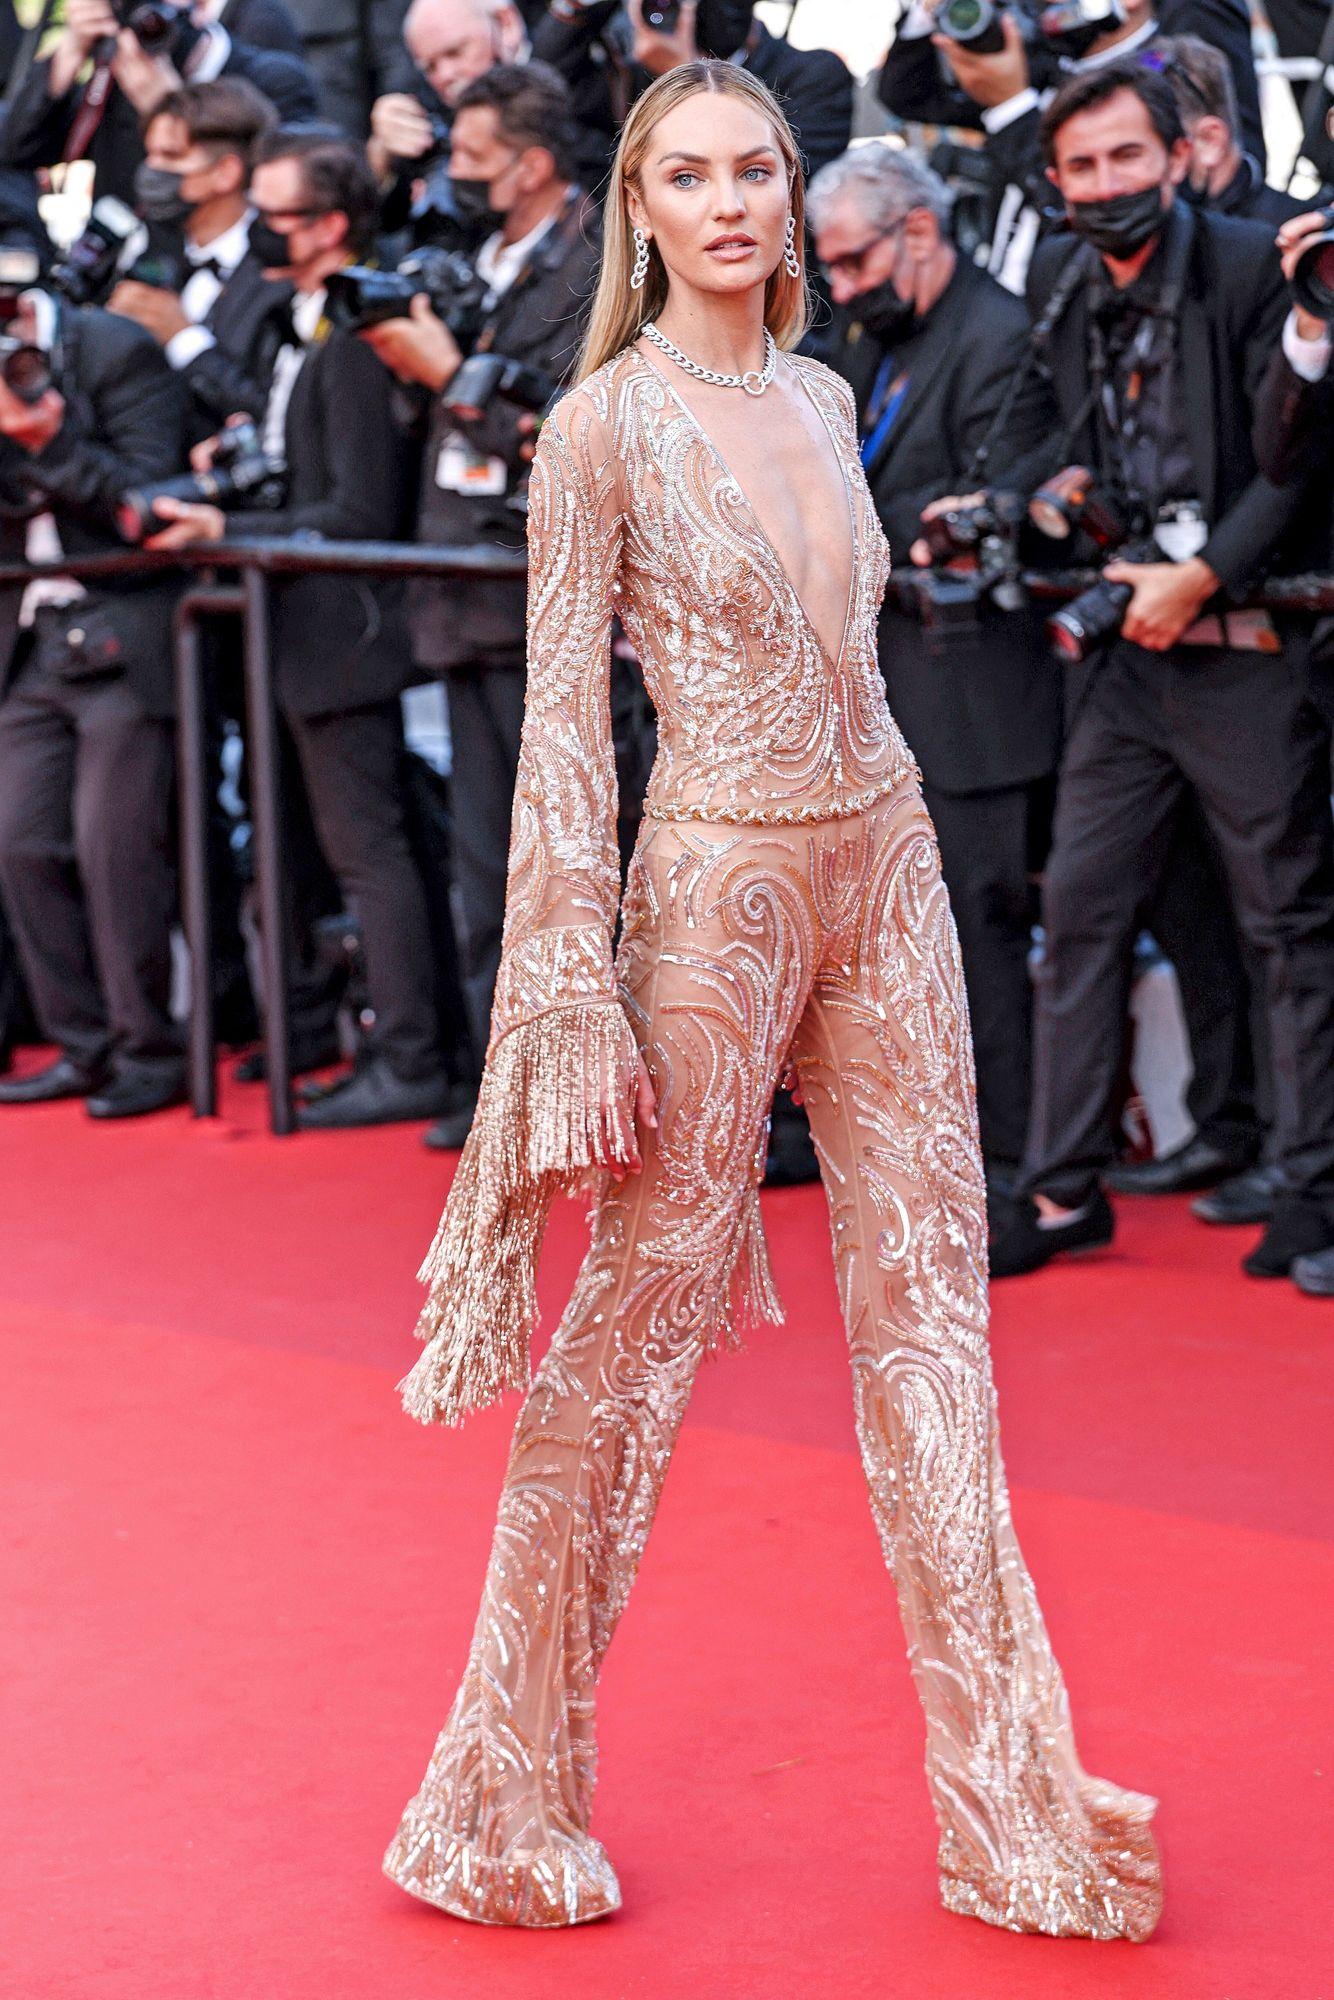 Malli Candice Swanepoel toi punaiselle matolle ripauksen 70-luvun glamouria. Etron ruusukultainen haalari oli kuin tehty Cannesin jatkobileisiin. © ŮPtertainment / ddp USA / MVPhotos